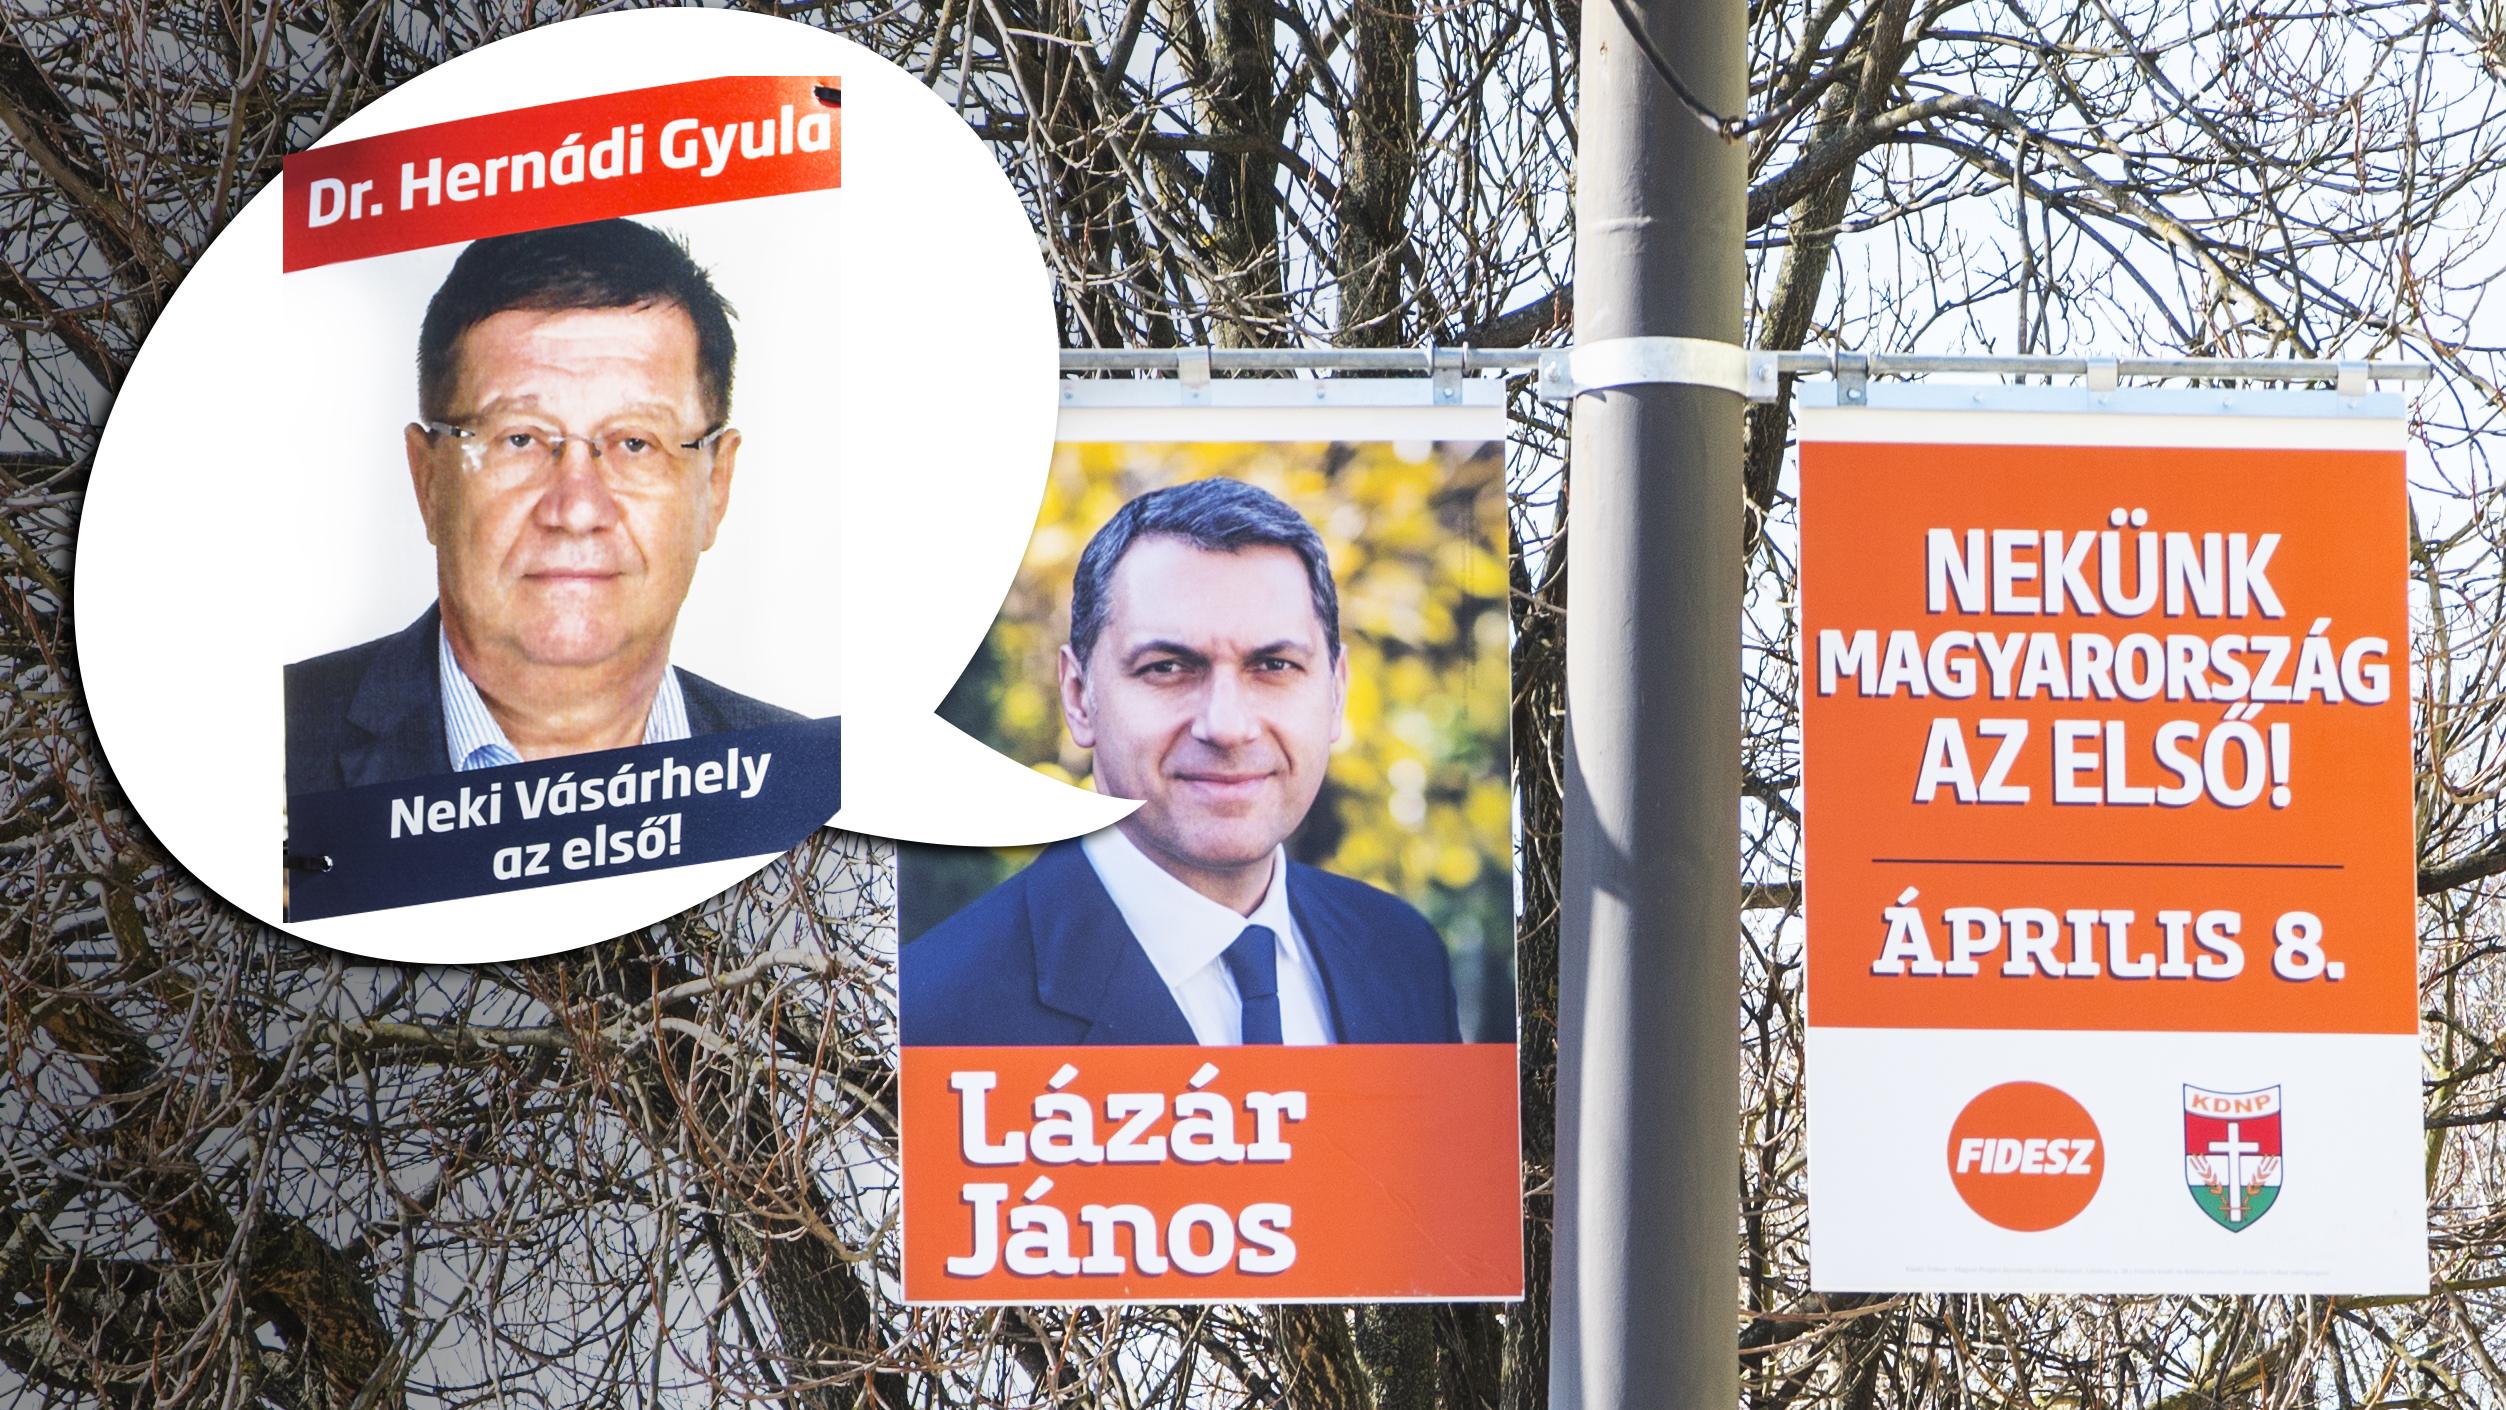 """Hódmezővásárhely másik """"ellenzéki"""" jelöltje saját mottót sem bírt kitalálni magának, ezért inkább a Fideszével kampányol"""